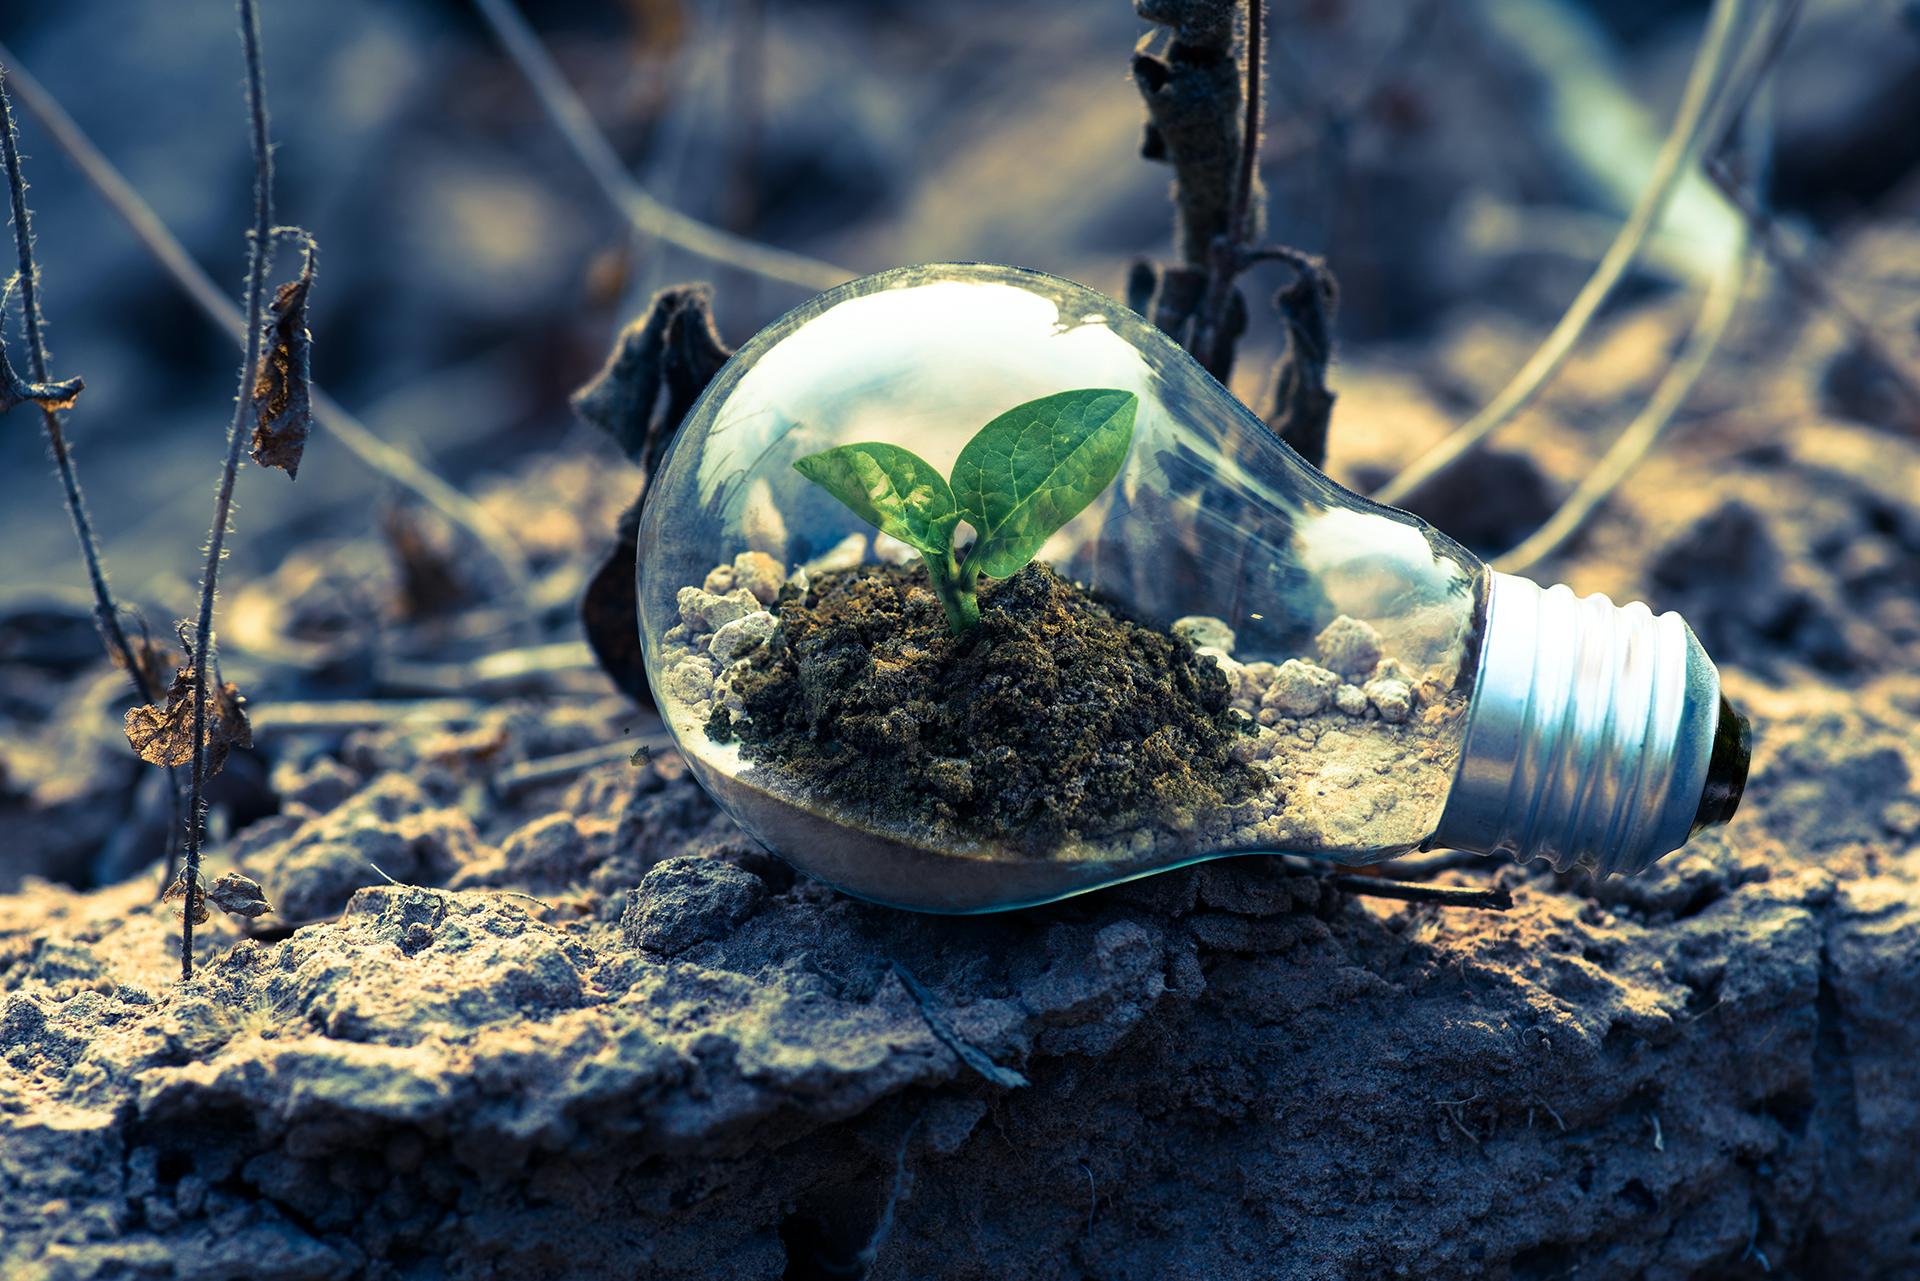 Pflänzchen in Glühbirne, erneuerbare Energie, grüne Energie